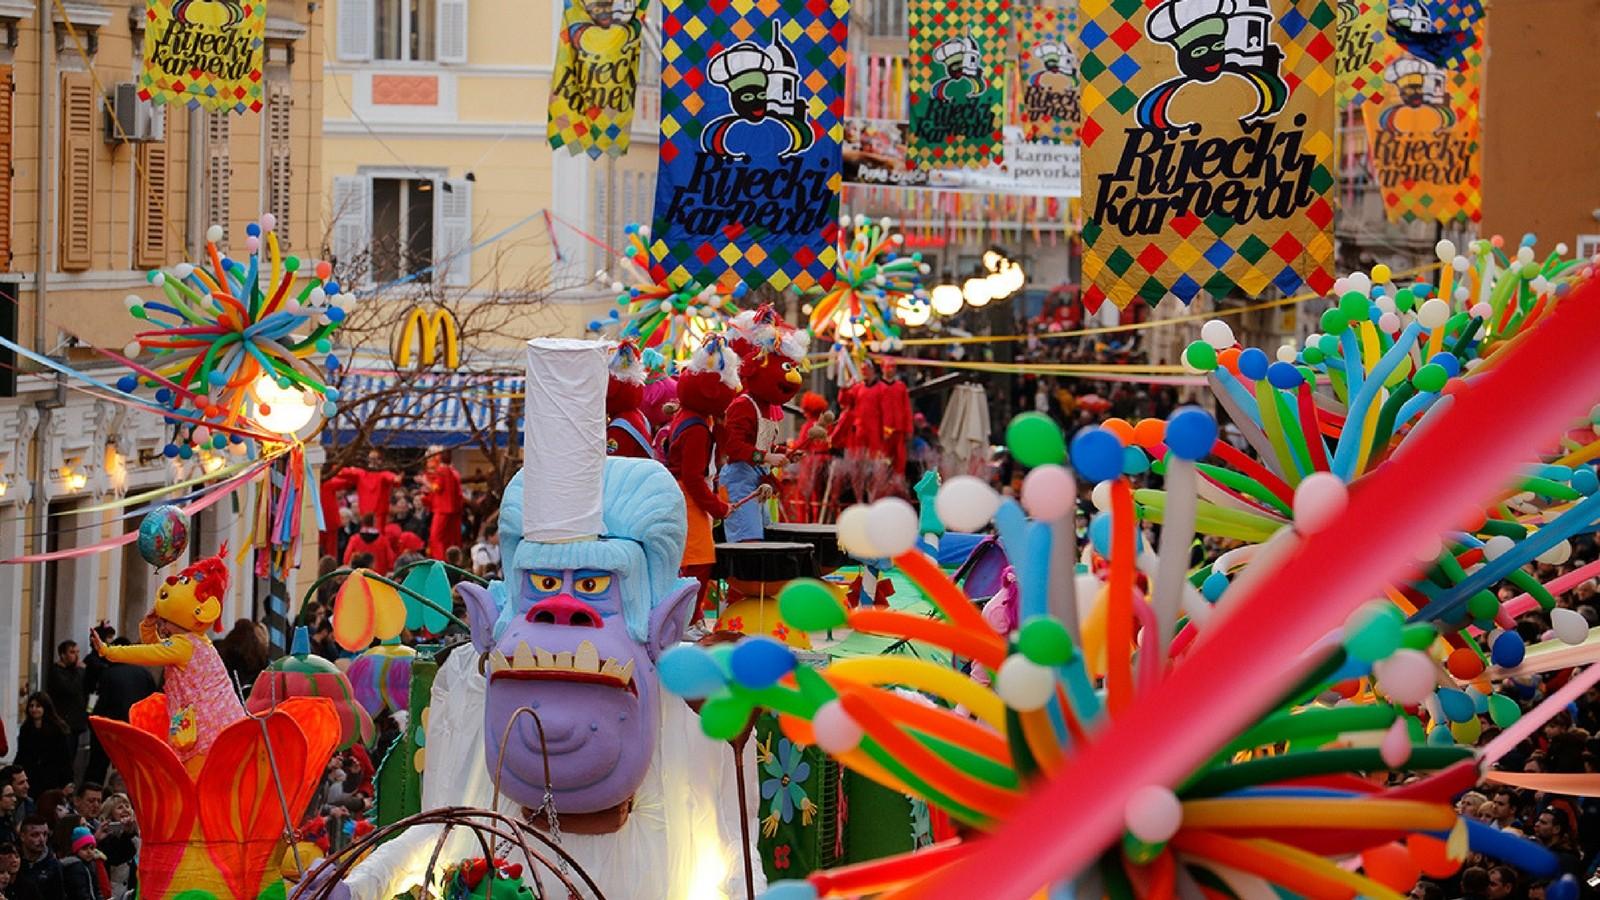 1_rijecki_karneval_valter_stojsic_2